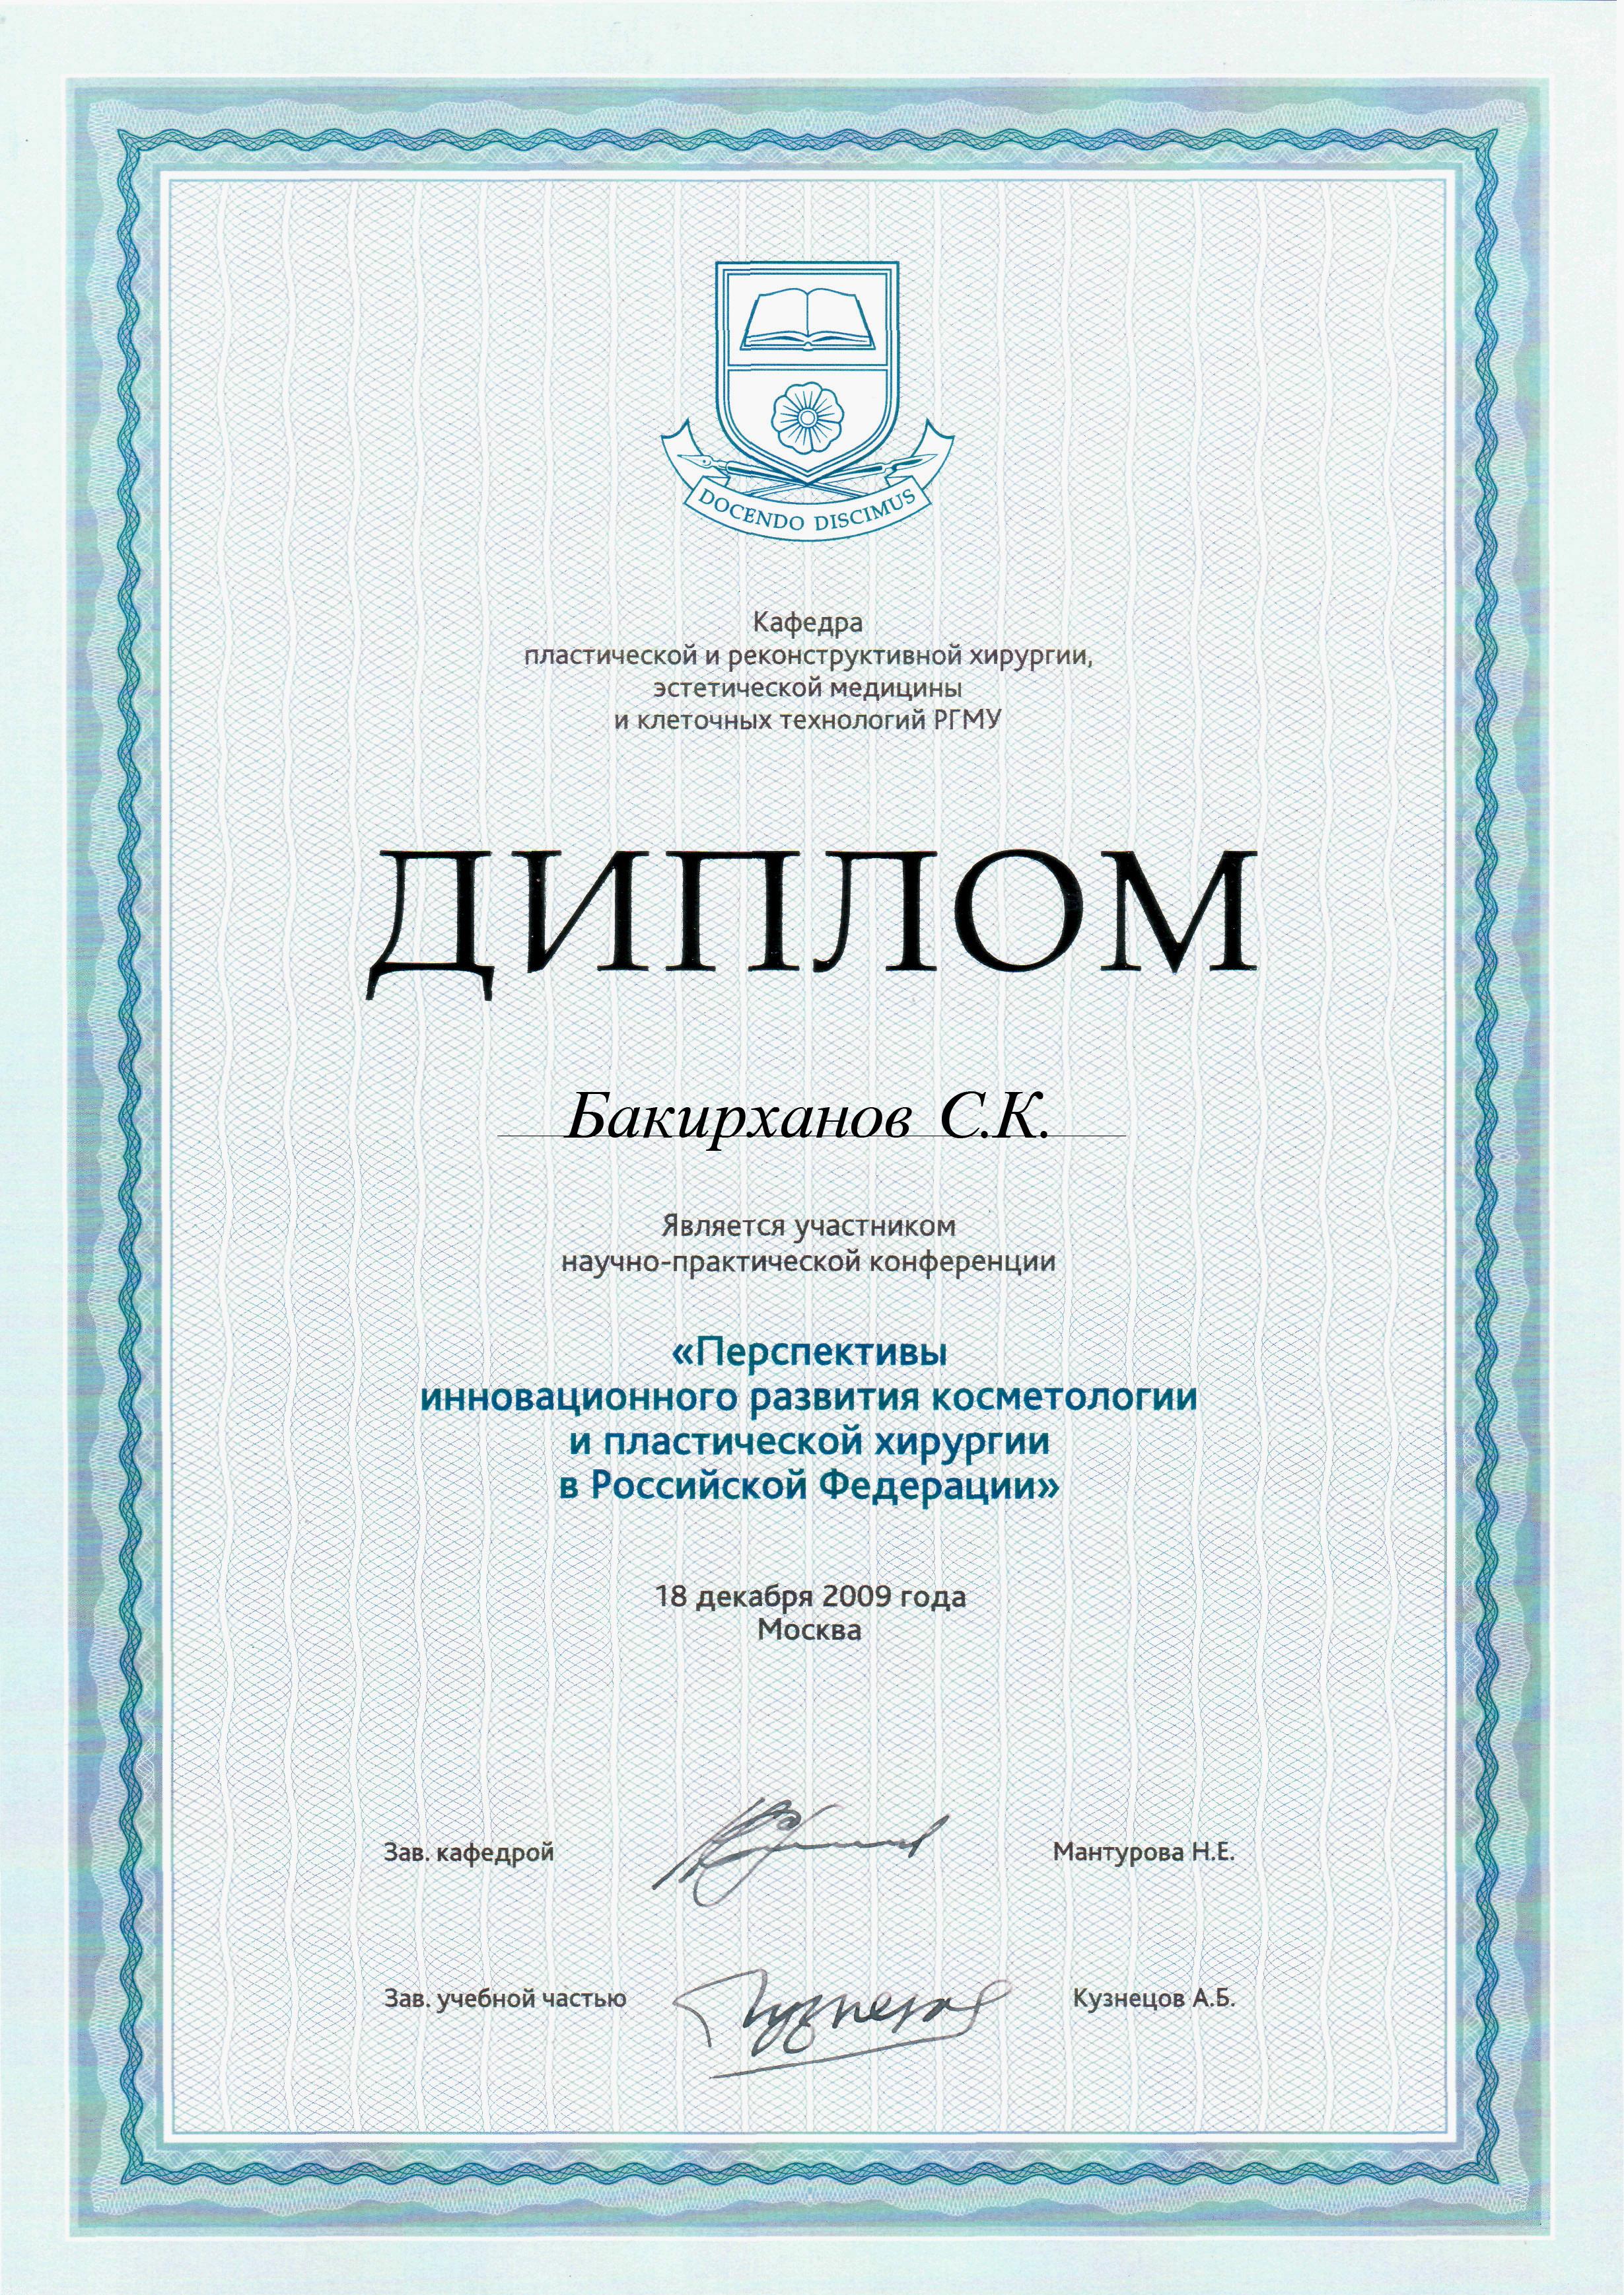 Диплом участника научно-практической конференции